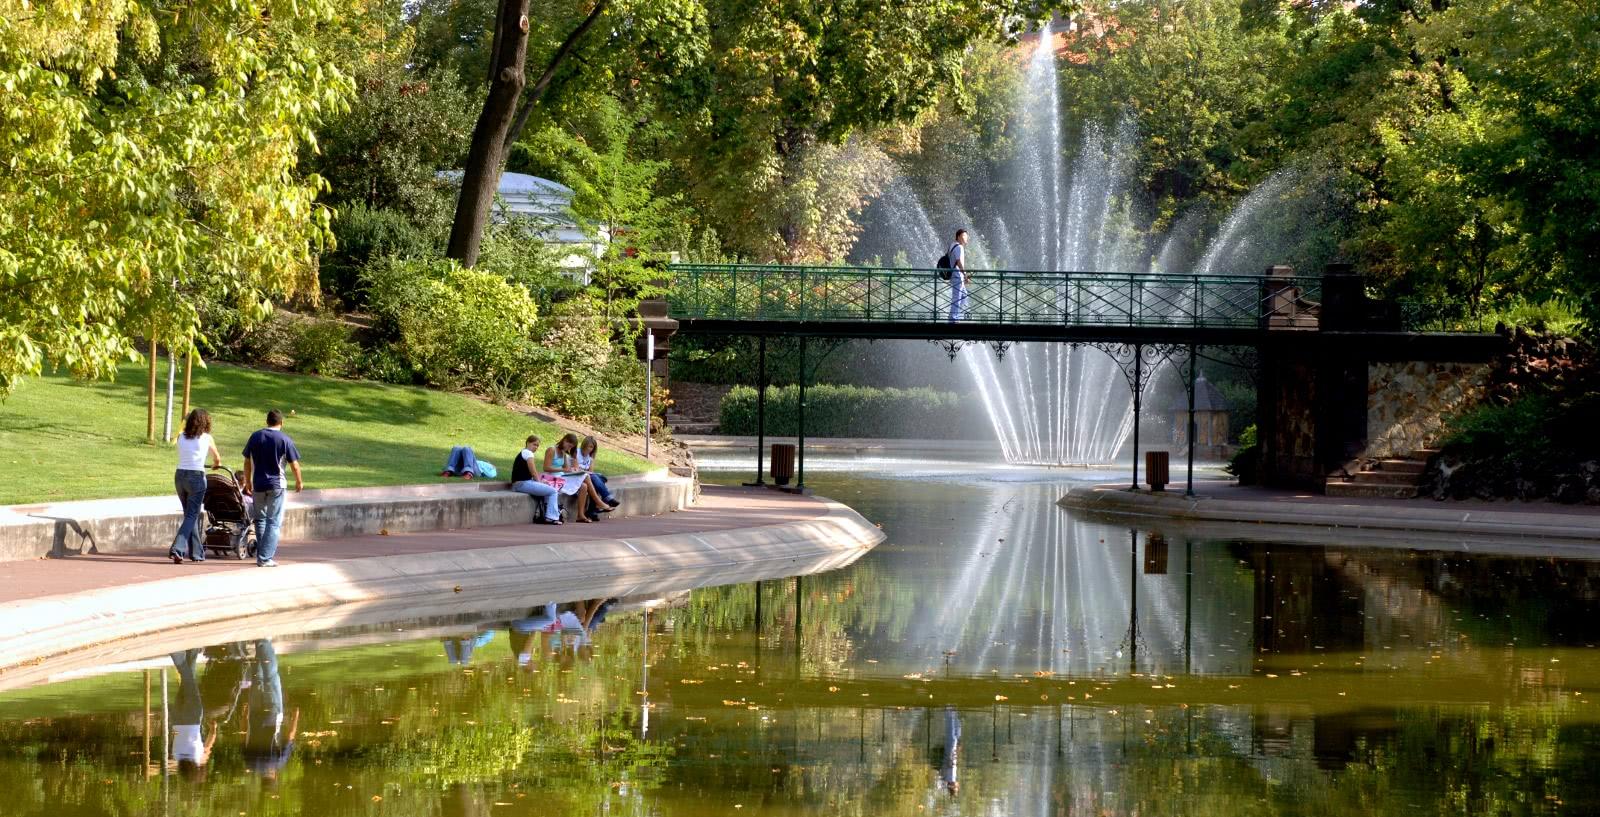 Jardin lecoq clermont auvergne tourisme - Aquilus piscine clermont ferrand ...